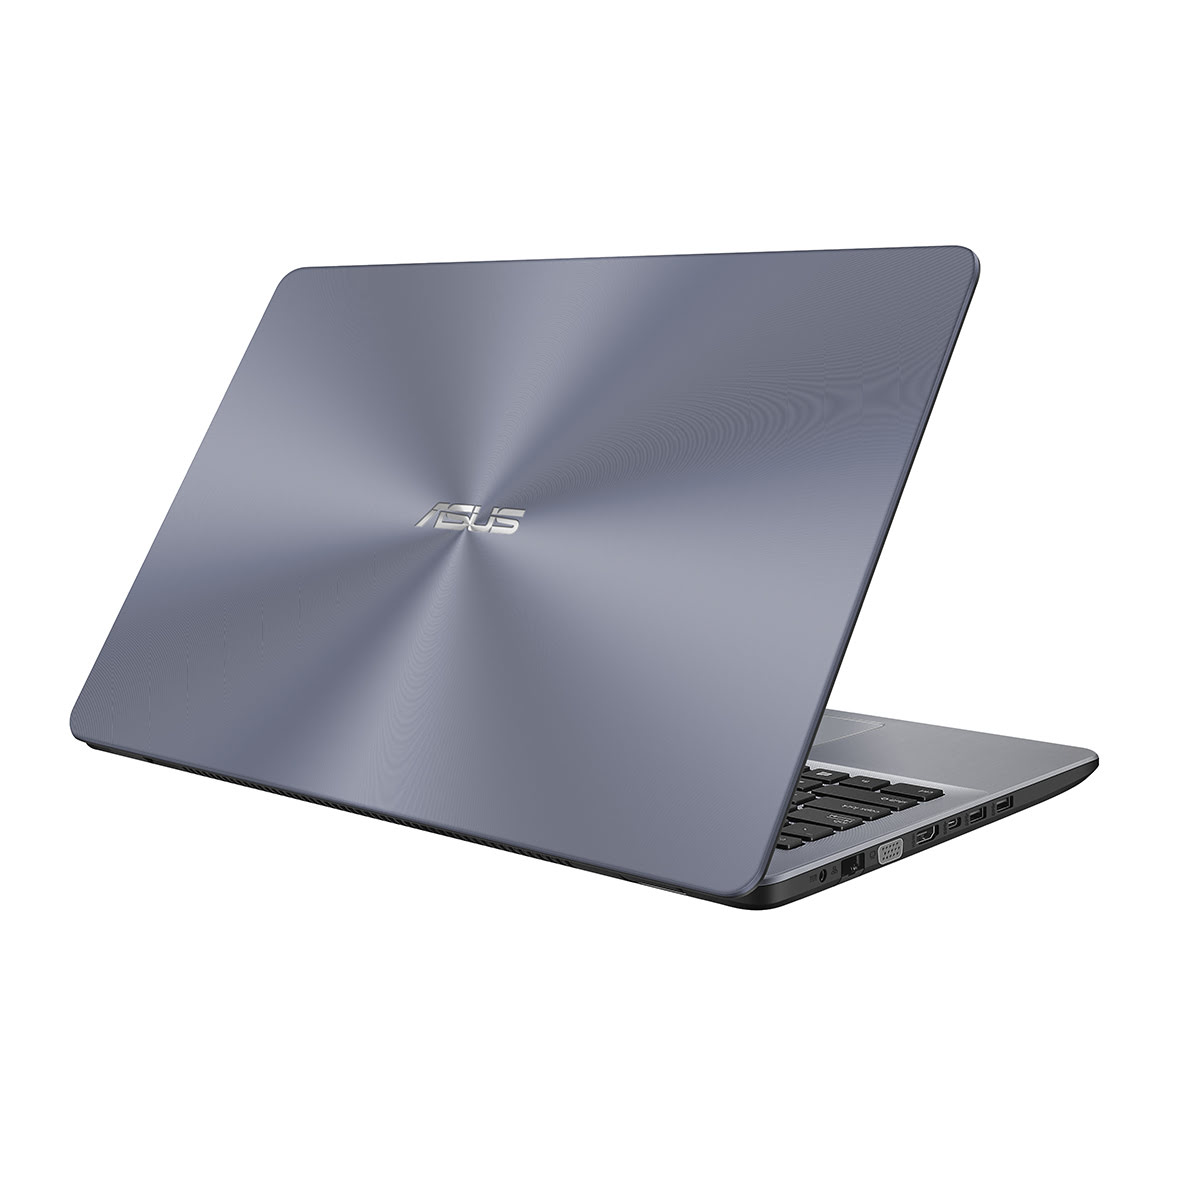 Asus 90NB0IJ2-M05960 - PC portable Asus - Cybertek.fr - 1